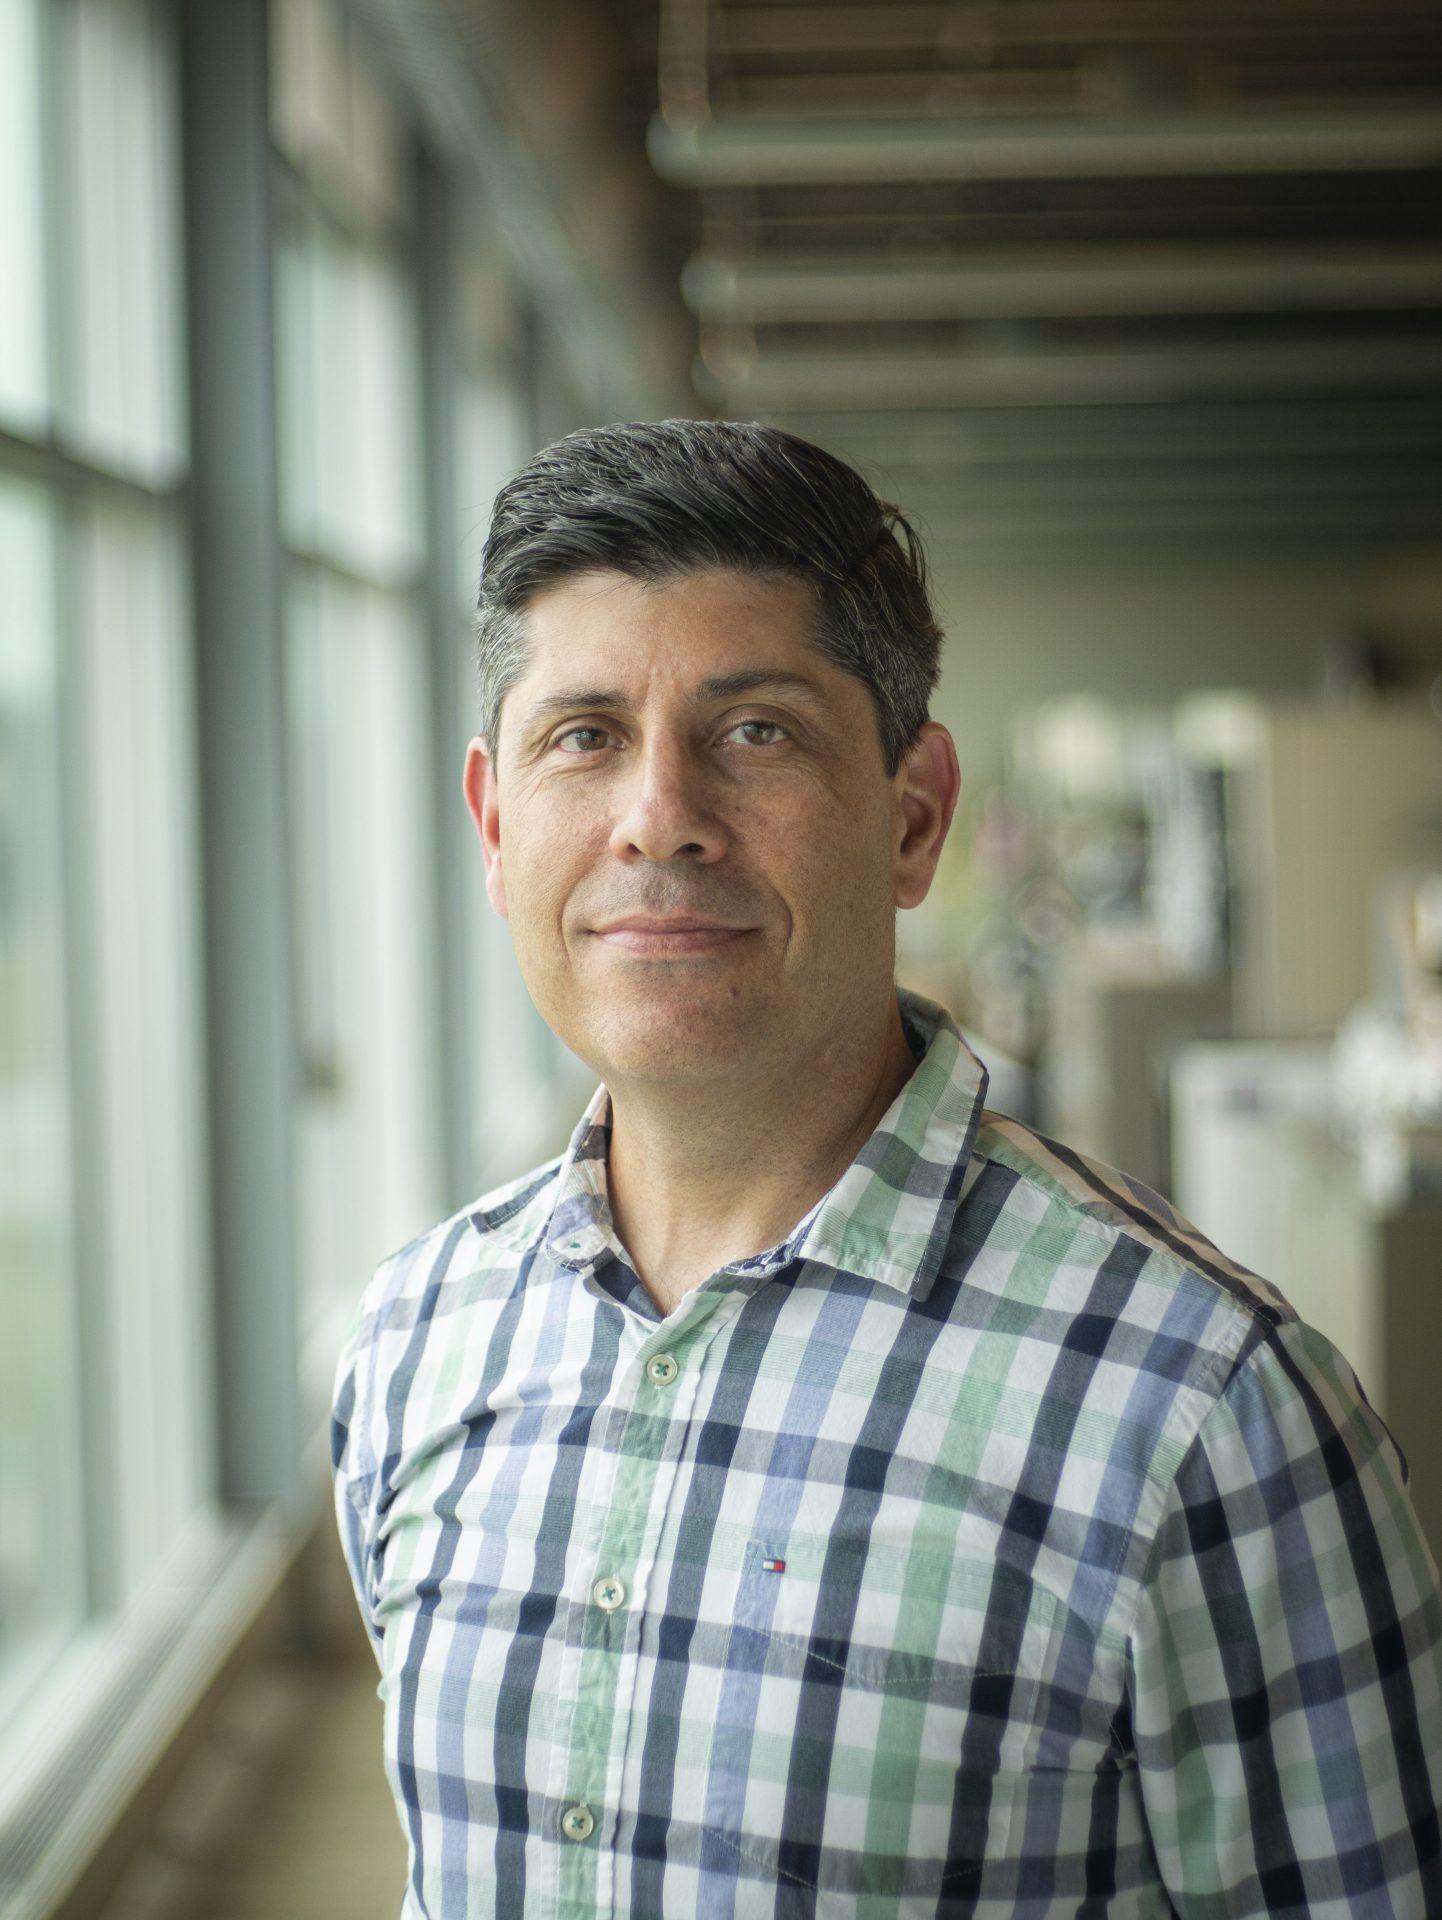 Scott Blanchard, Senior Editor